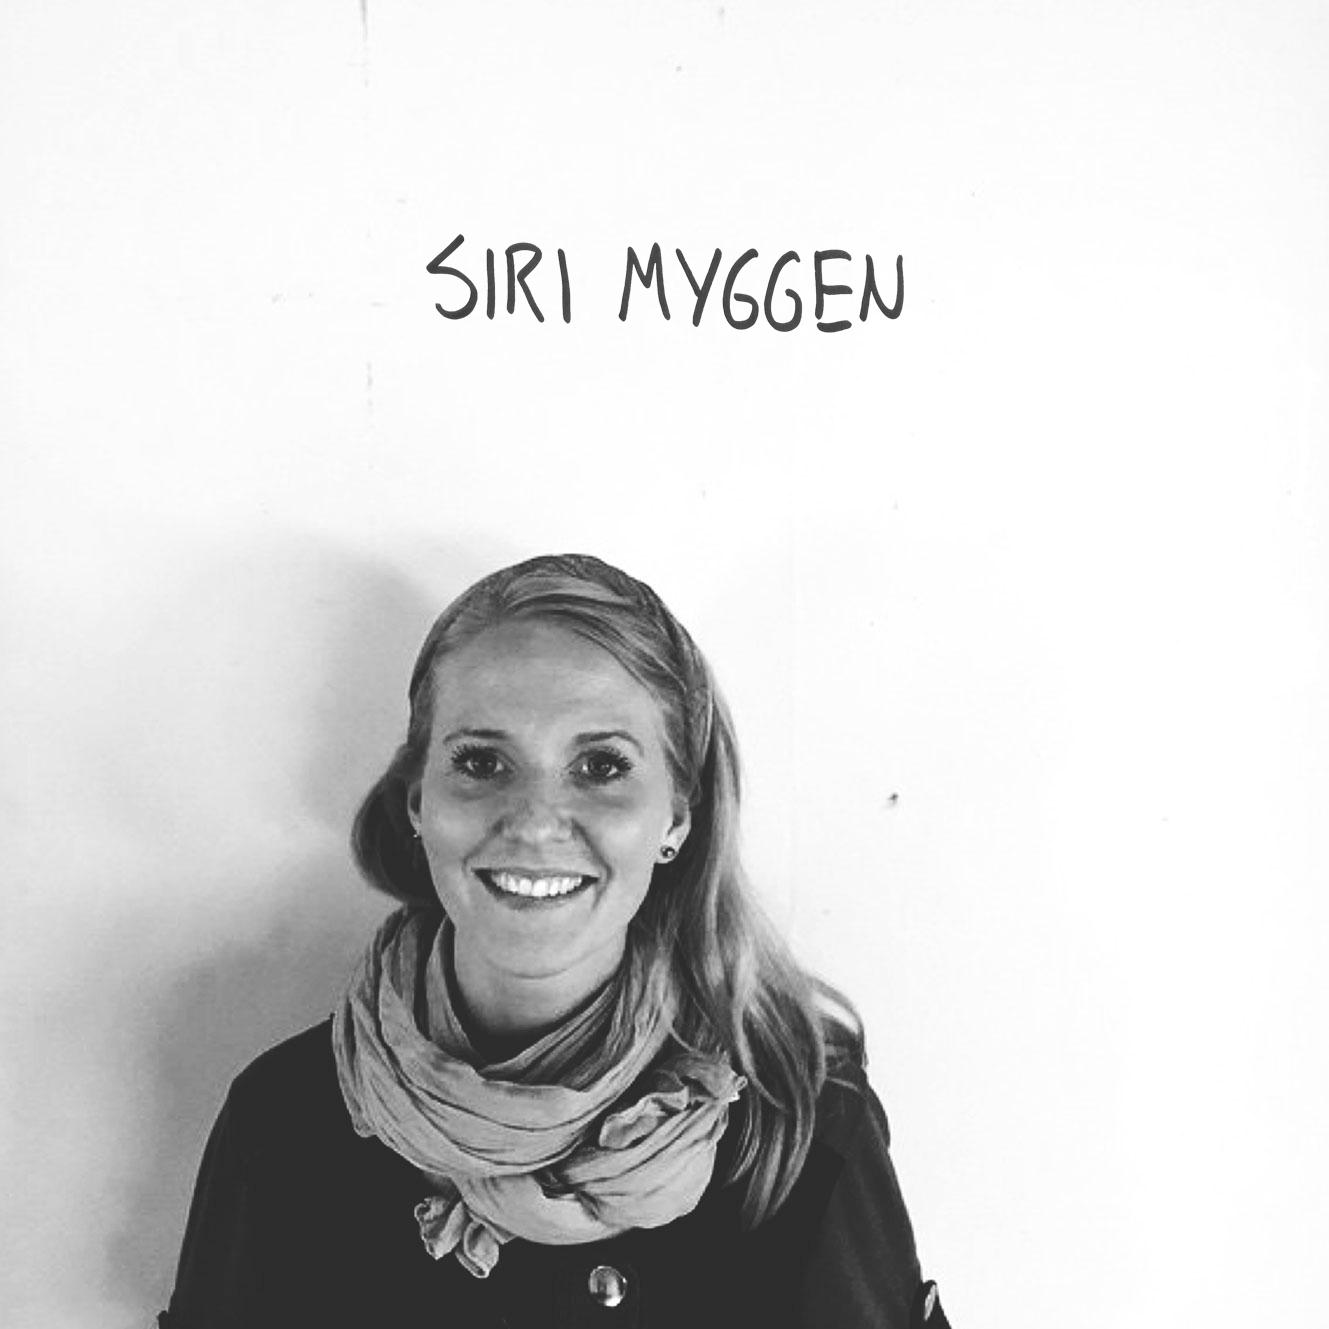 SIRI MYGGEN